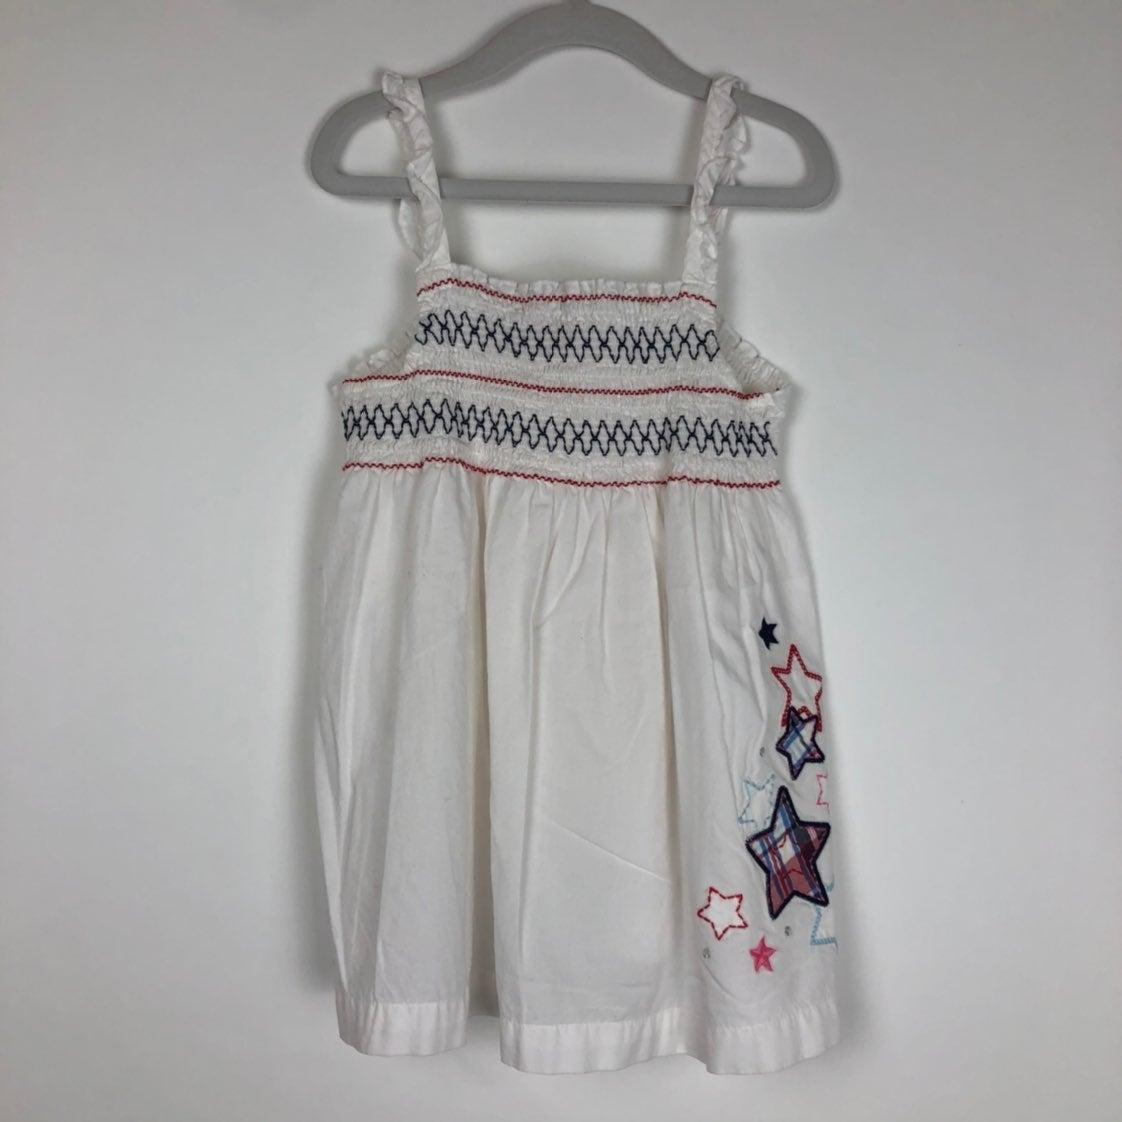 Girl's OshKosh B'Gosh Summer Top